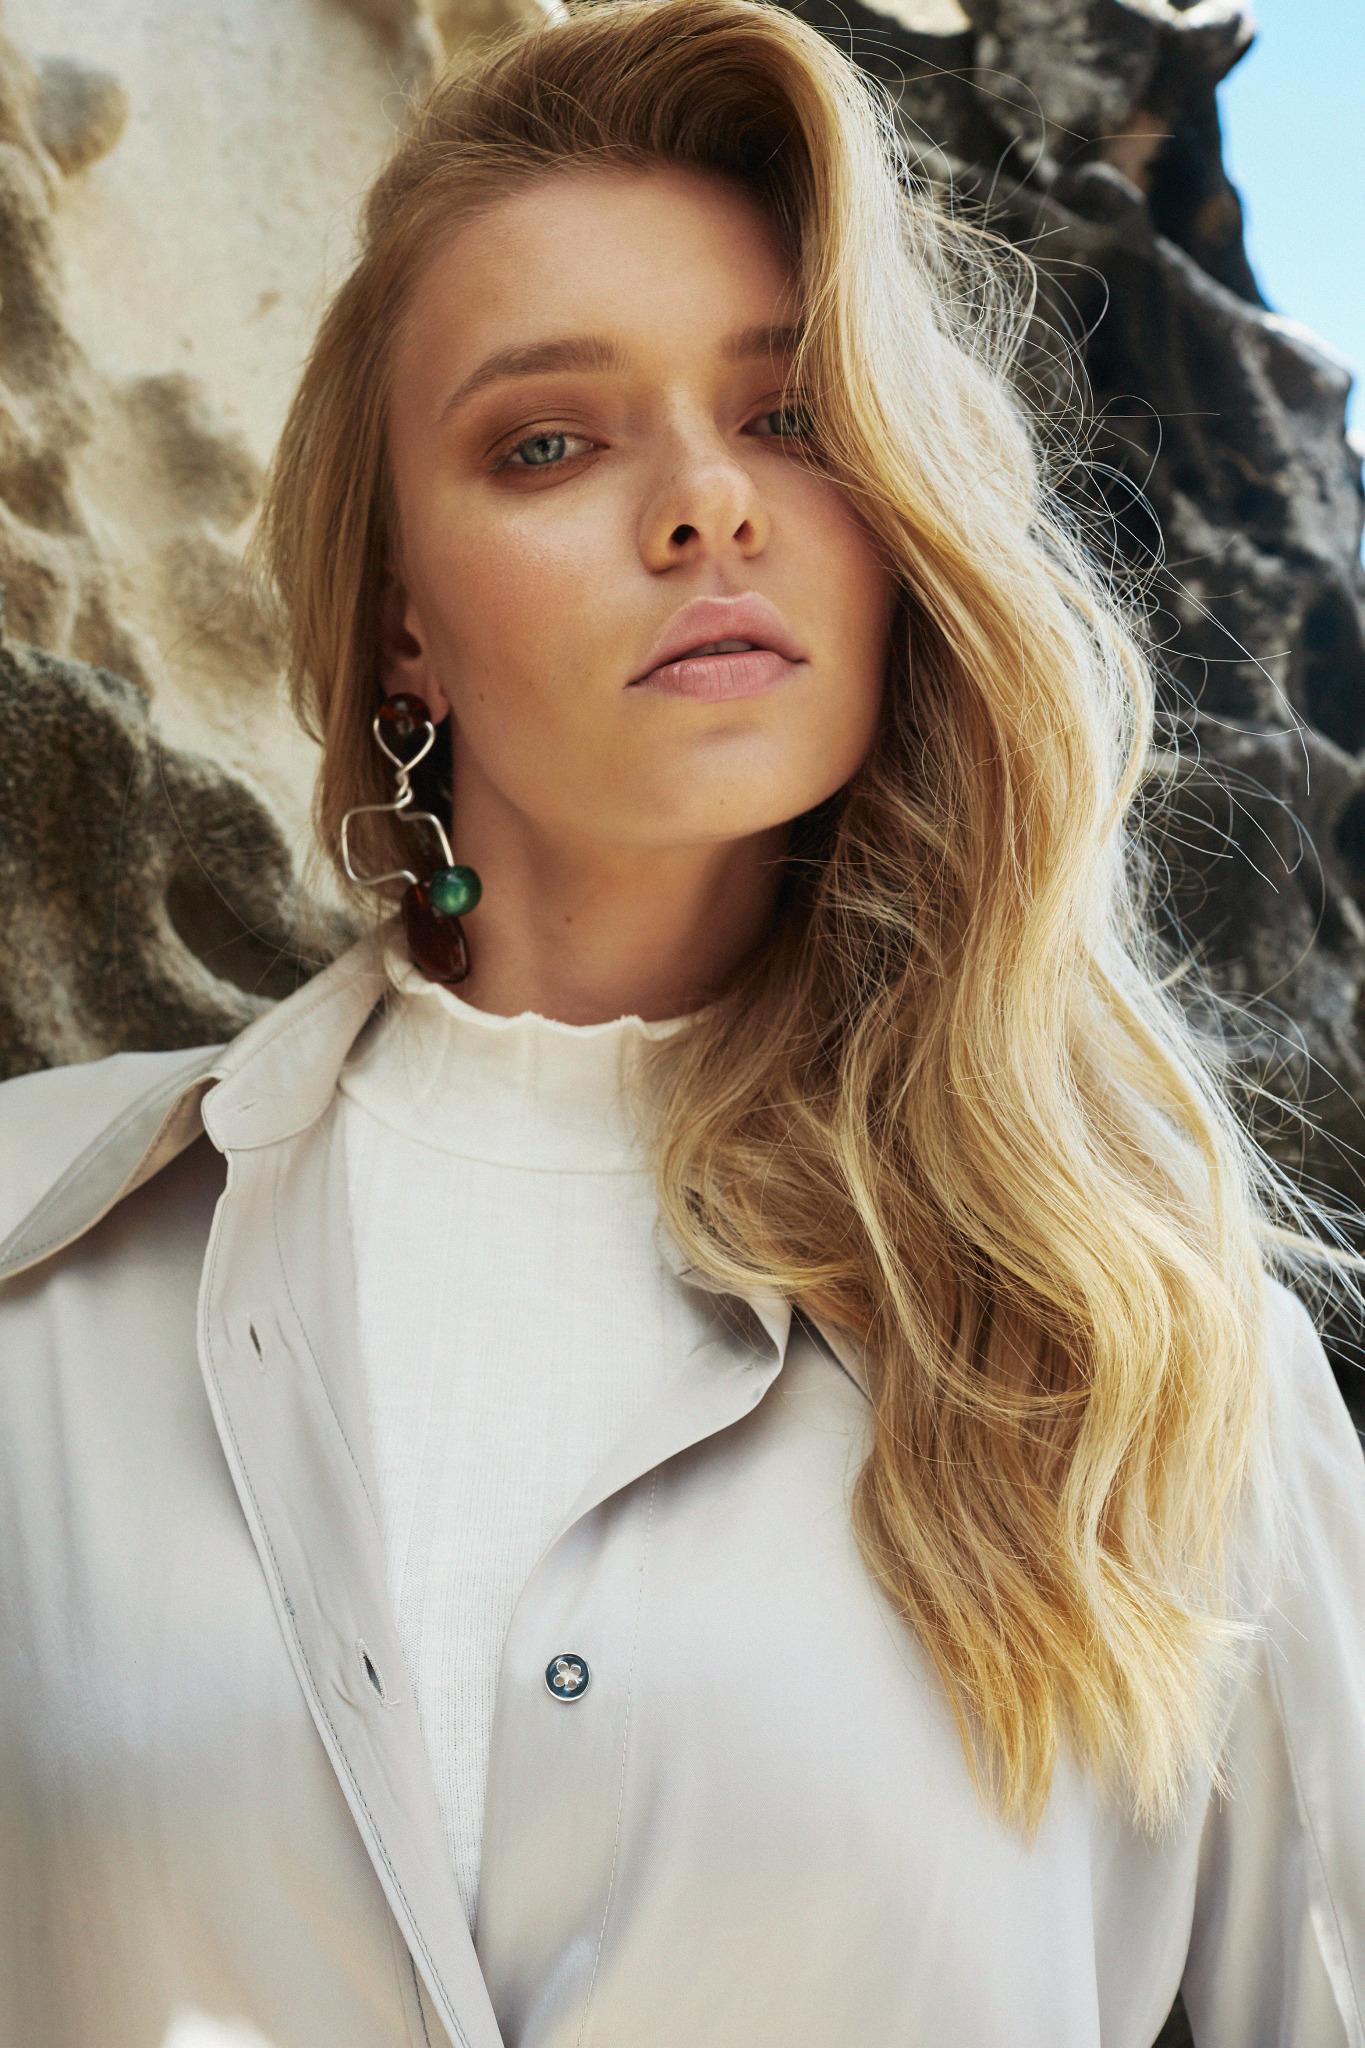 revlon-professional revlon-professional-australia beach-hair bondi-hair bondi-beach-hair